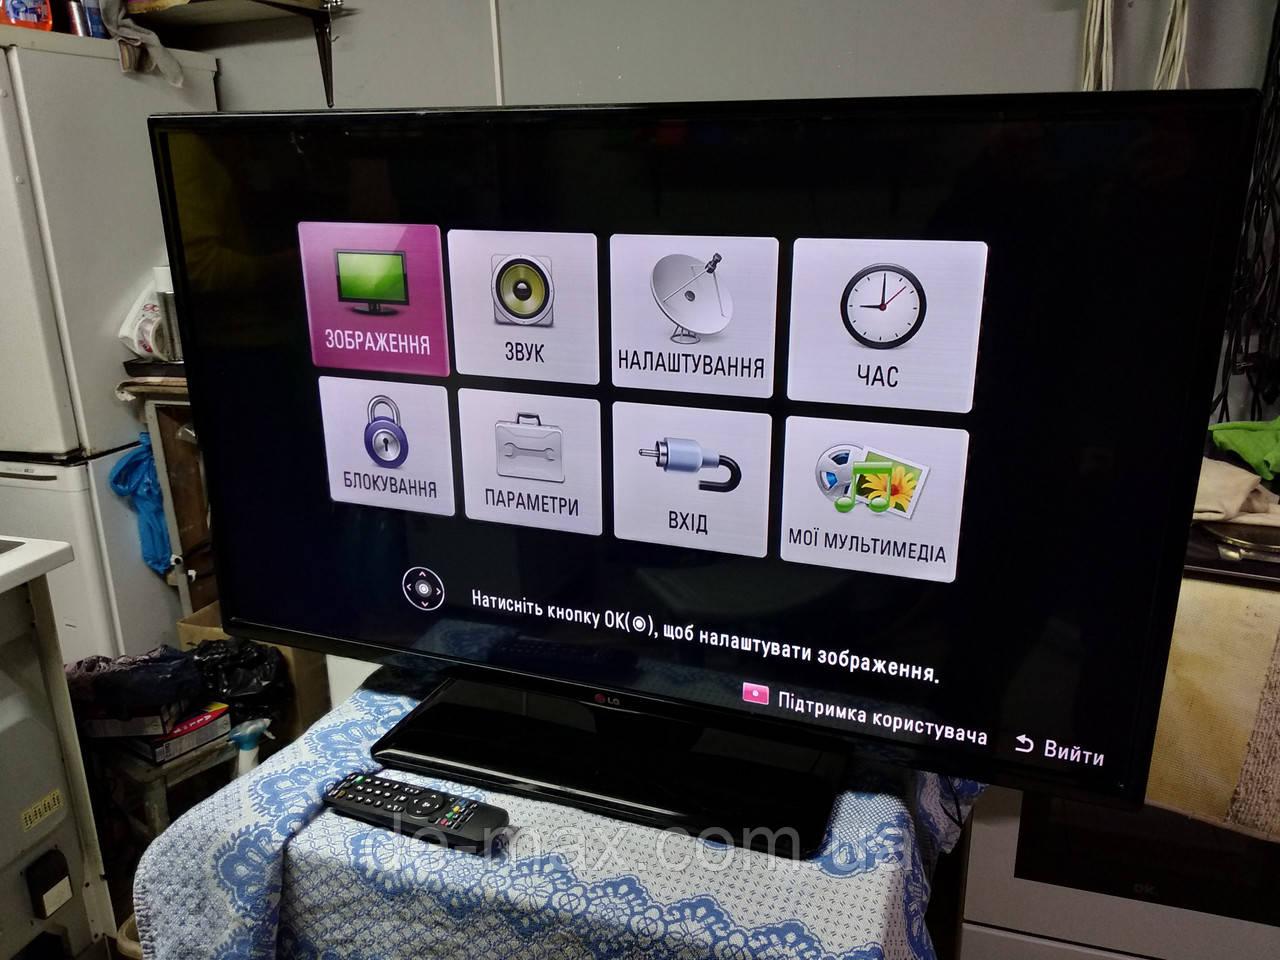 Телевизор 42 дюйма LG 42LN5204 1080p Full HD Direct LED DivX 100Гц